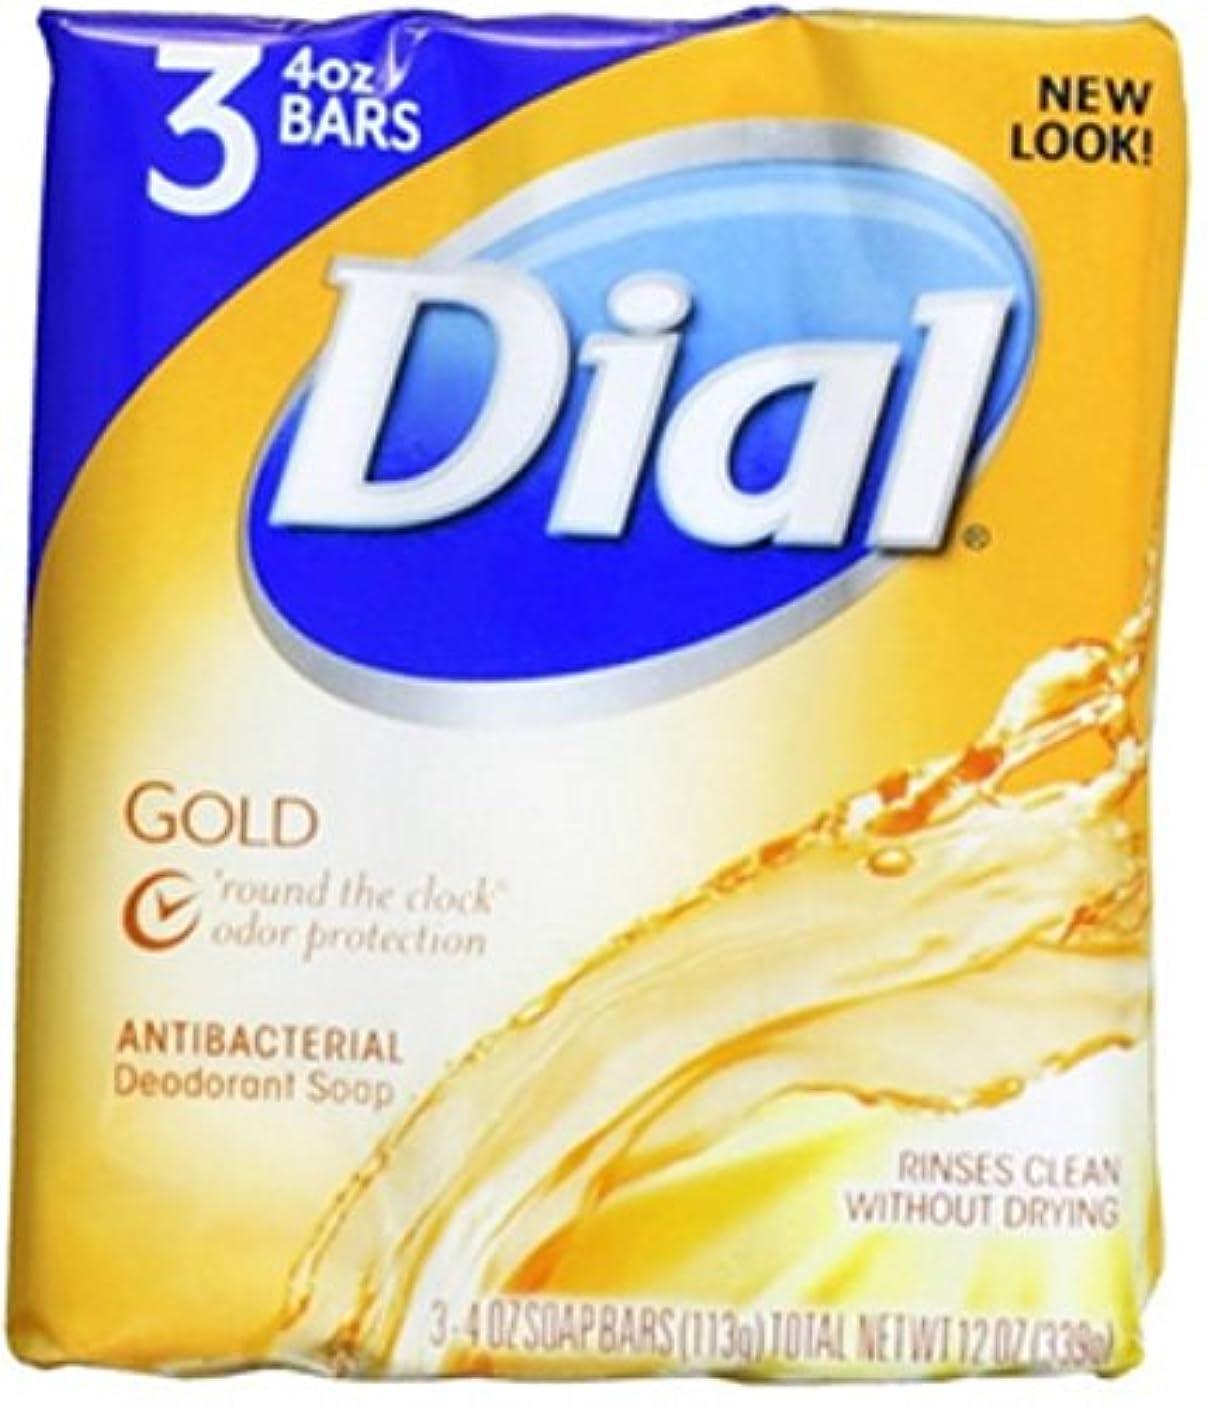 包括的が欲しいトーストDial 抗菌消臭石鹸バー、ゴールド、4つのオズバー、3 Eaは(6パック)